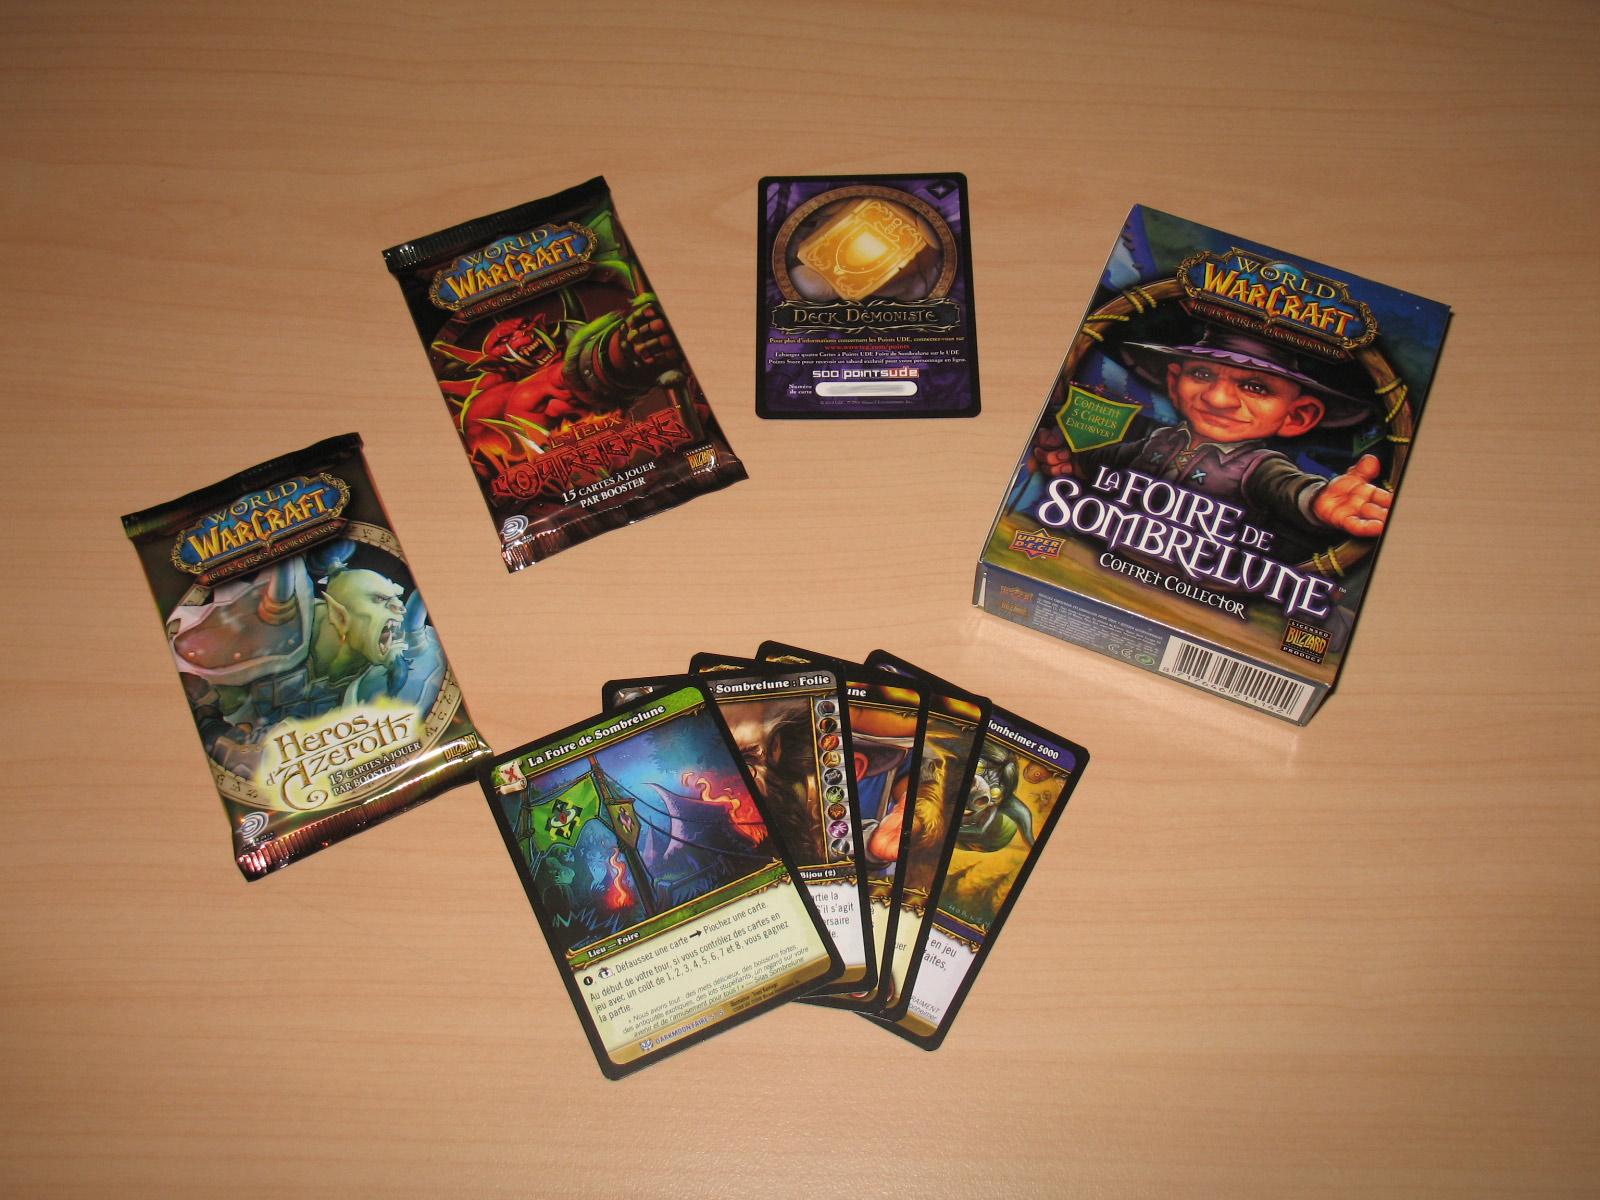 Coffret Foire de Sombrelune 2008, du jeu de cartes à collectionner édité par Upper Deck.